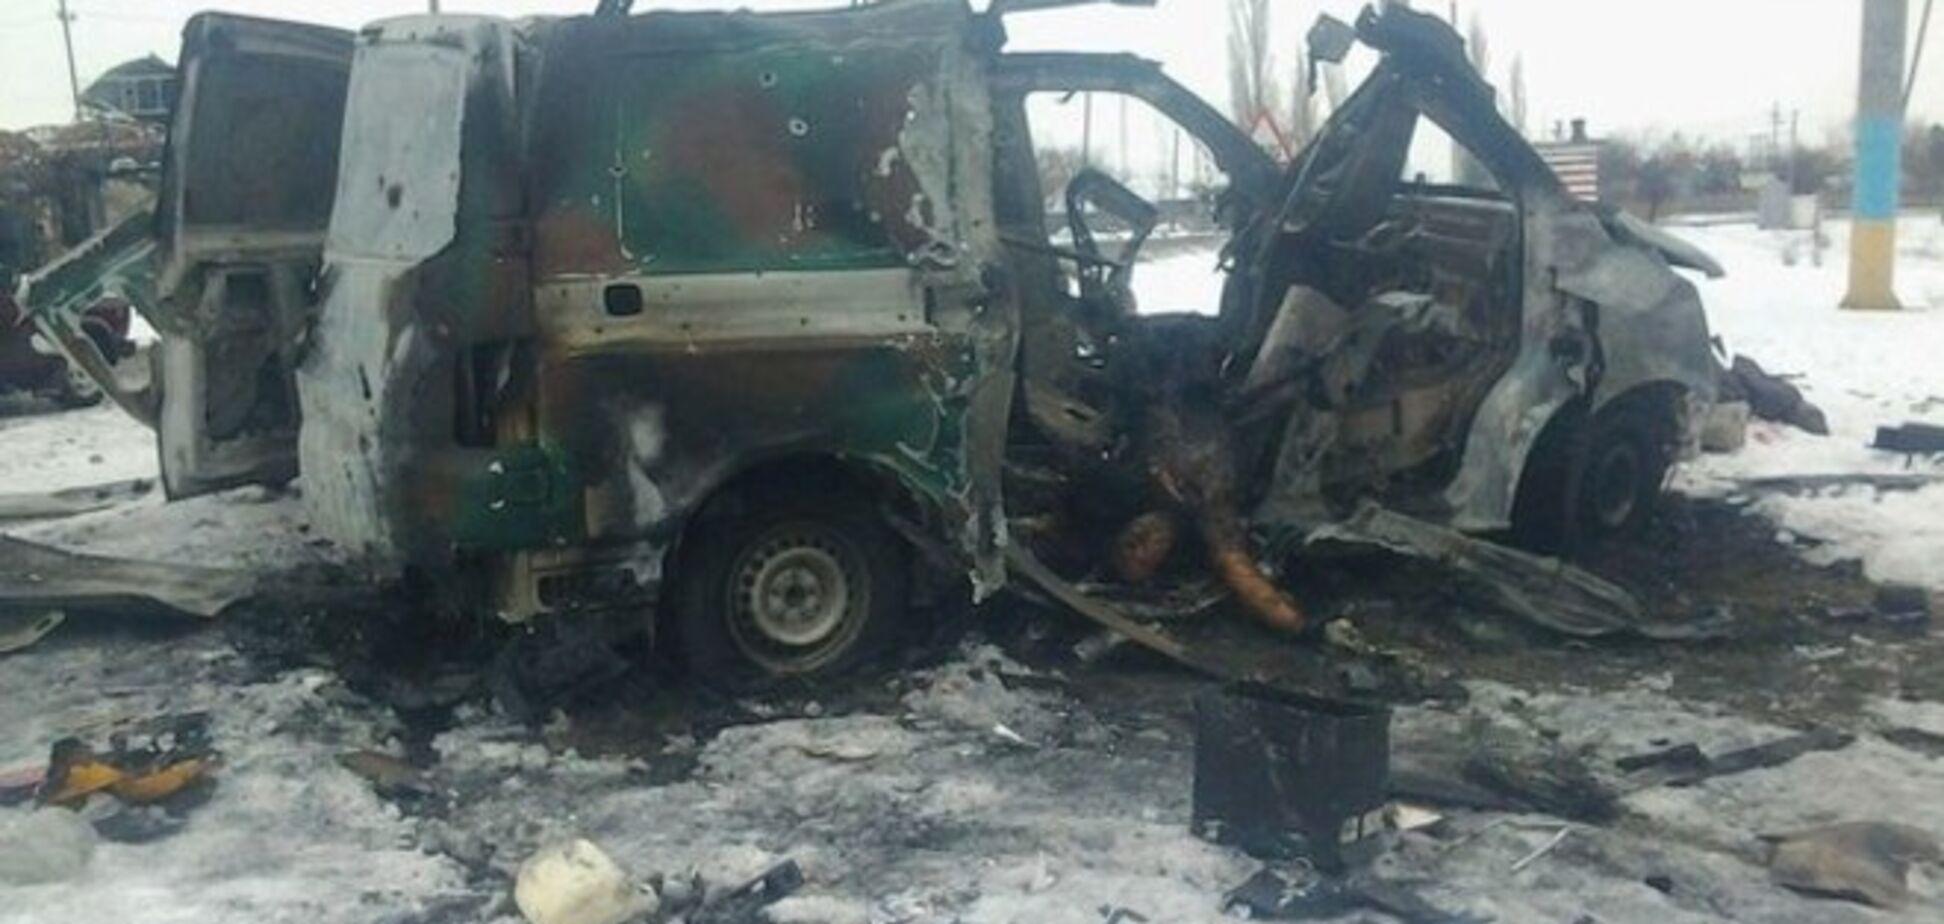 Стрелков призвал боевиков 'последовать его примеру', в сети говорят о возвращении Луганщины Украине